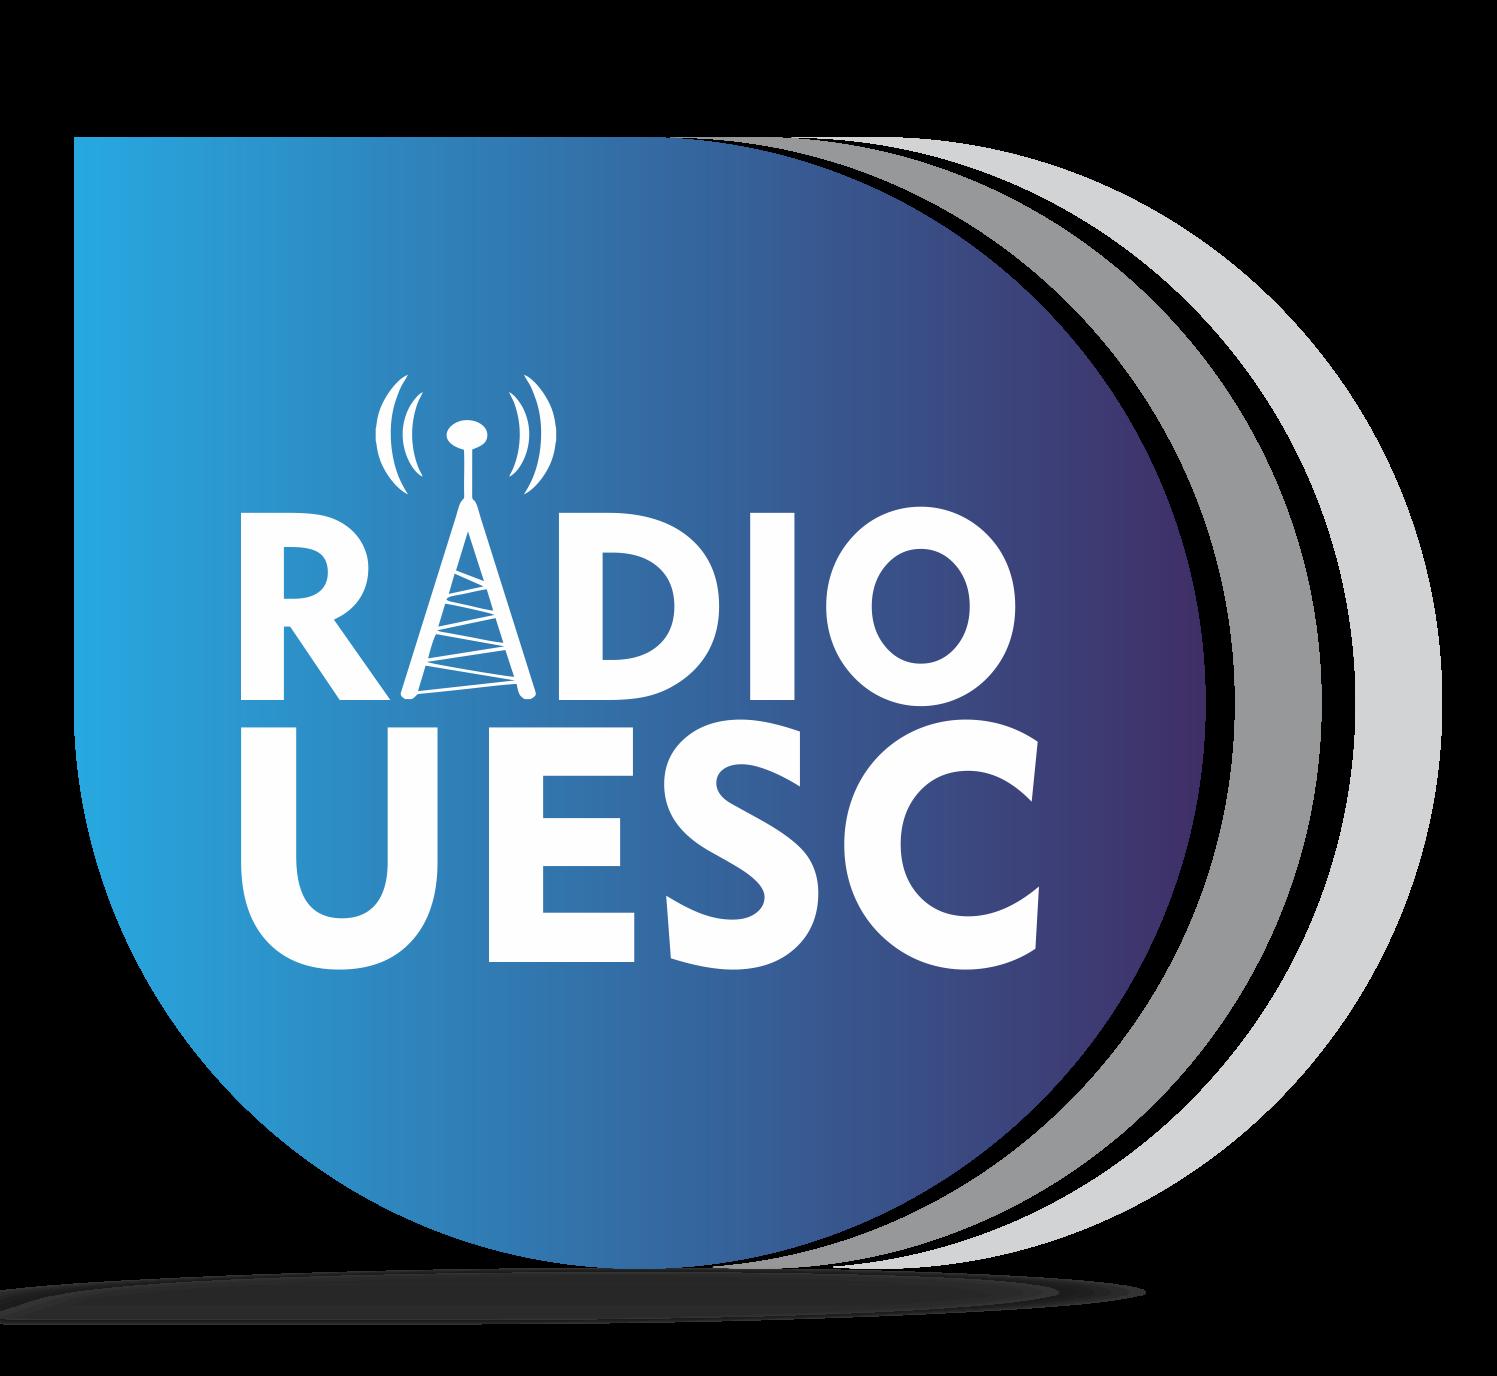 Rádio UESC